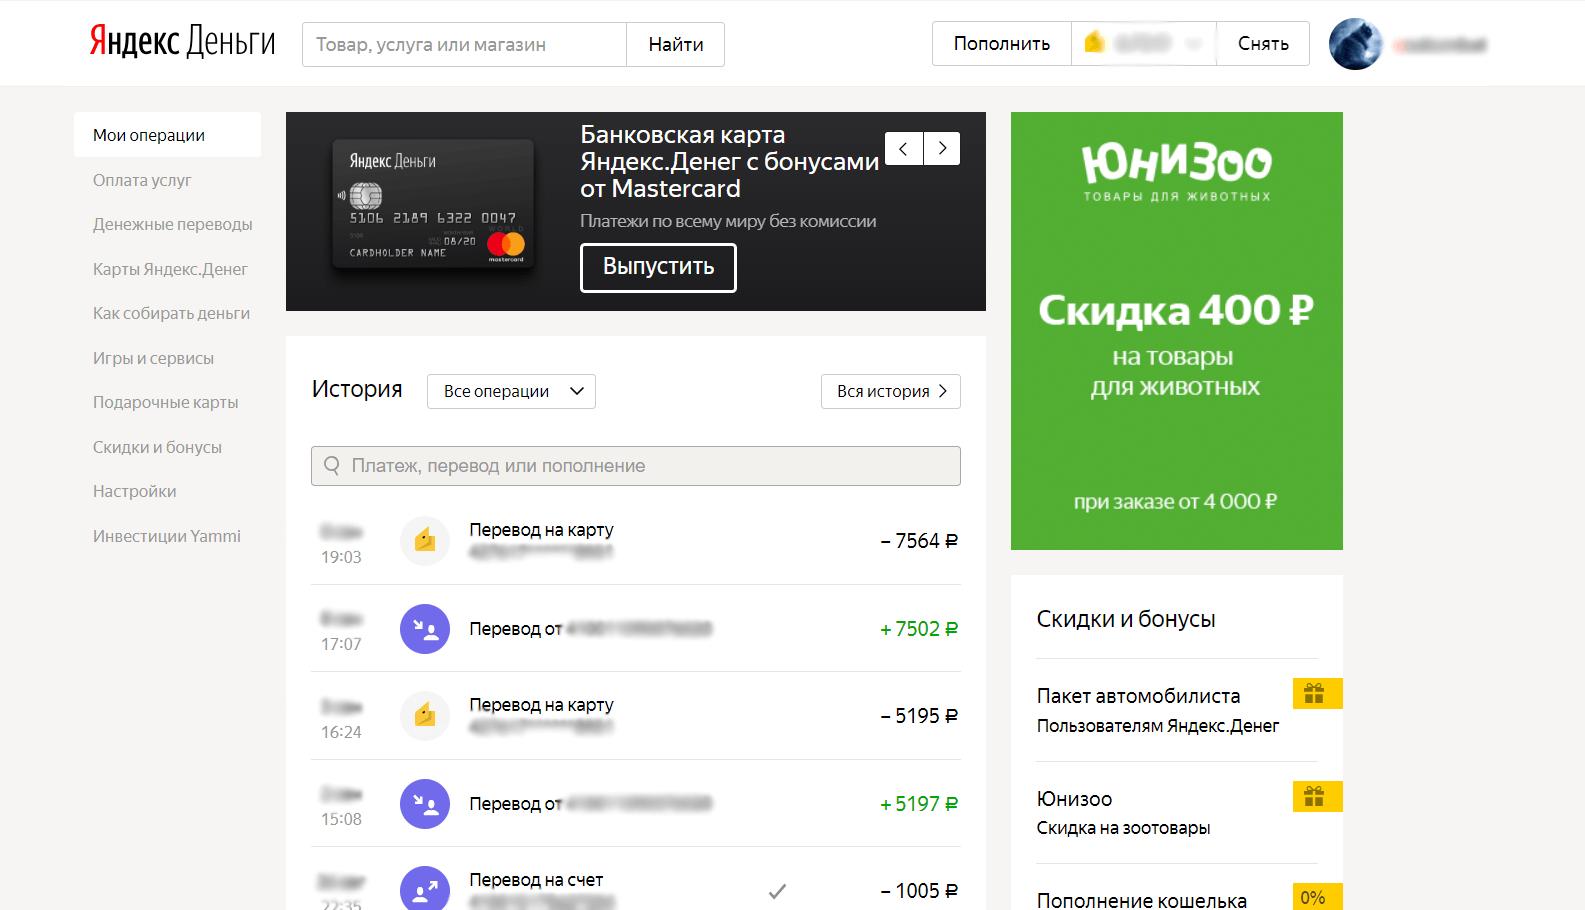 Яндекс Деньги - главное окно